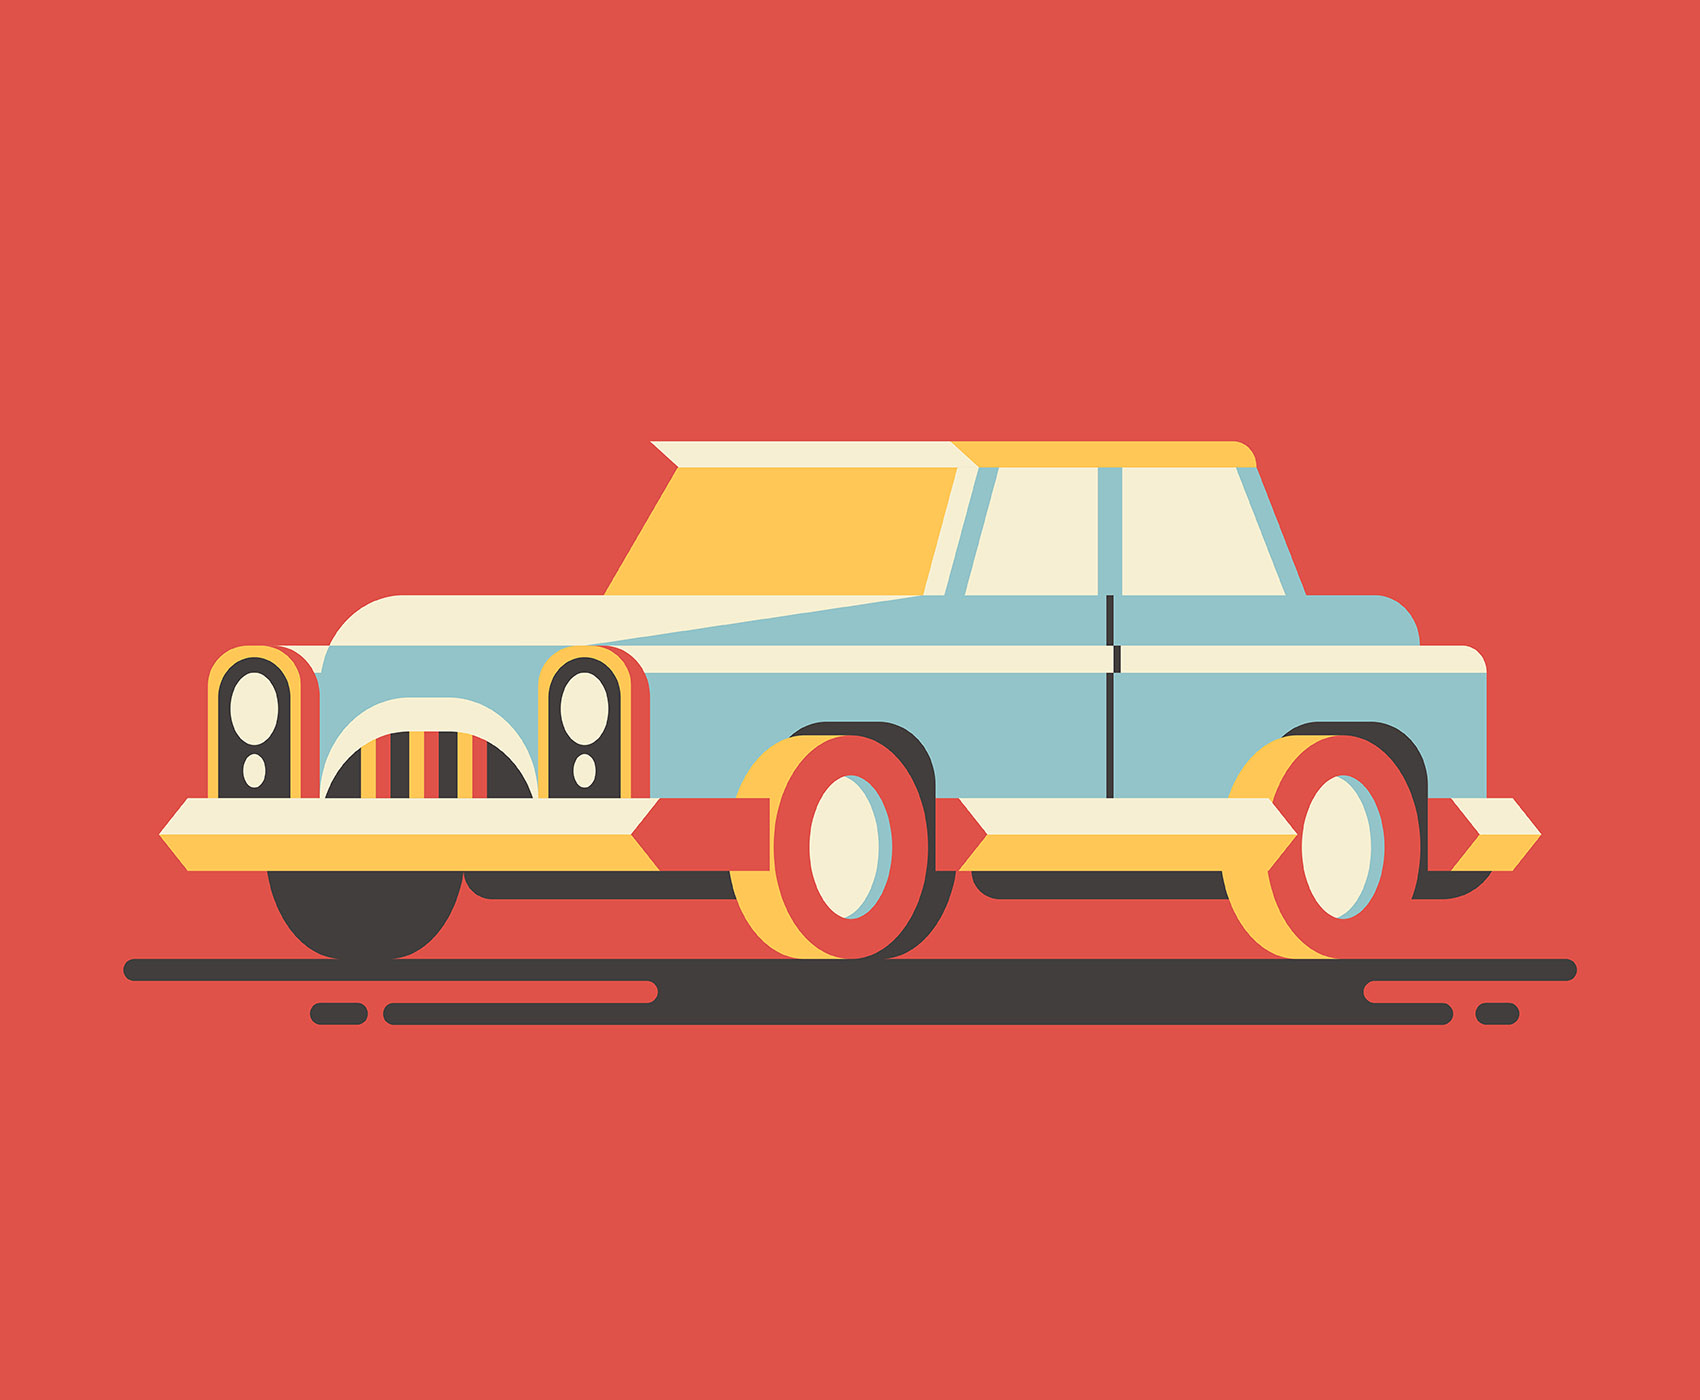 汽車素材 免費下載 | 天天瘋後製